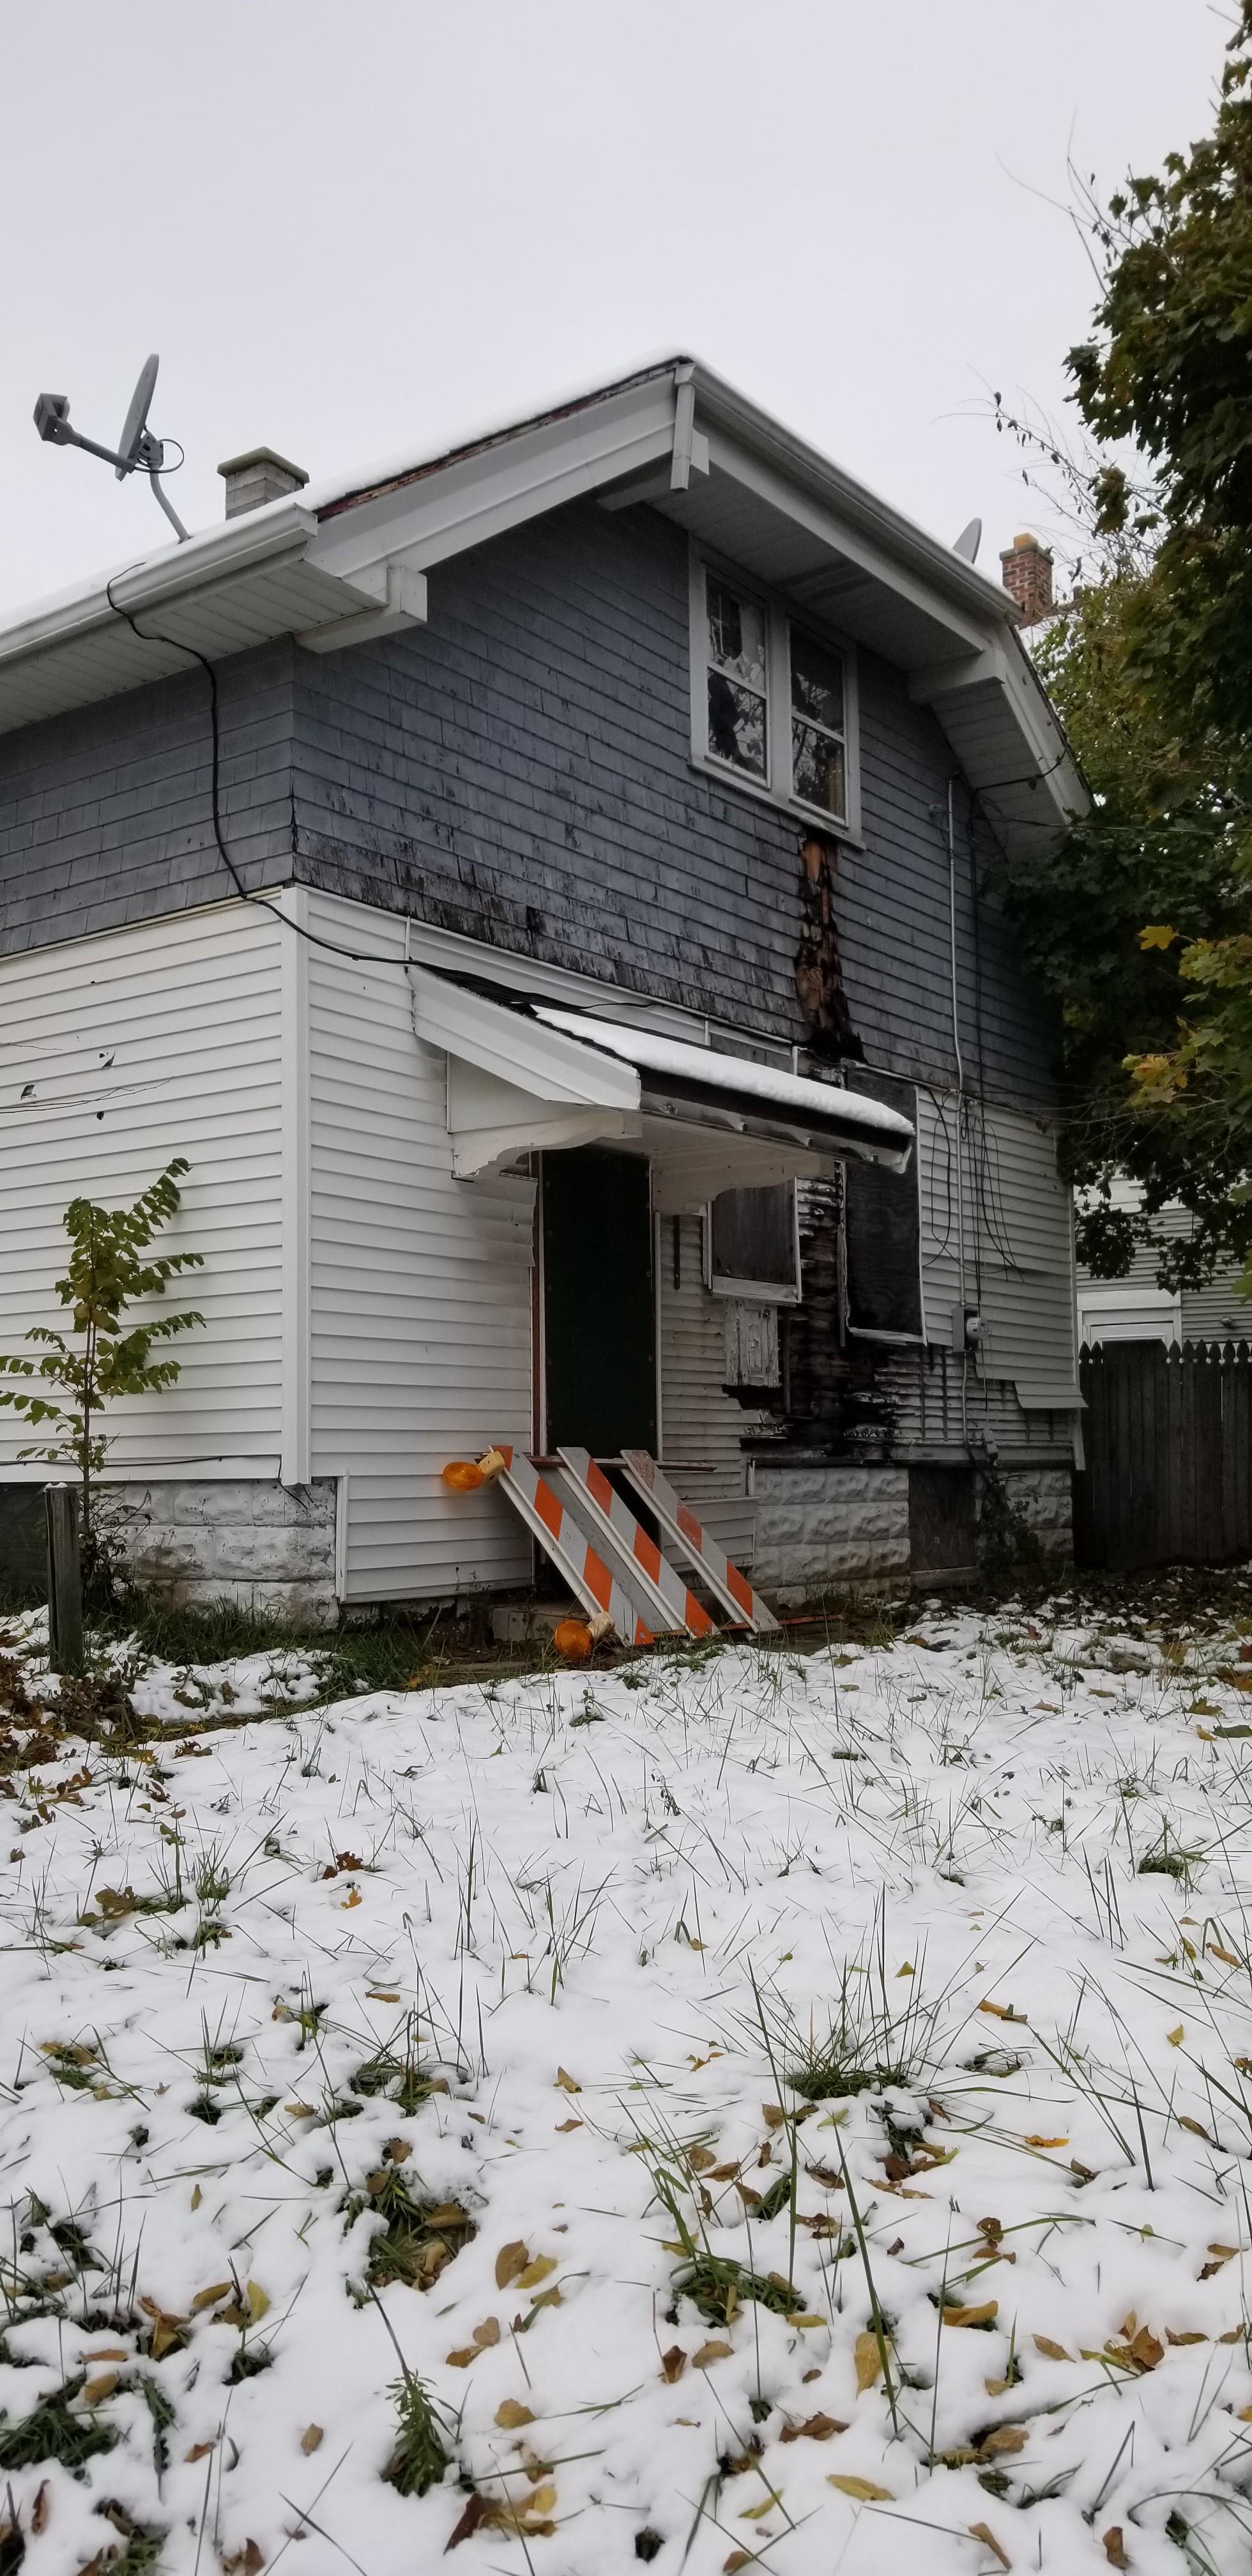 2502 North 40th Street (Image - 2)